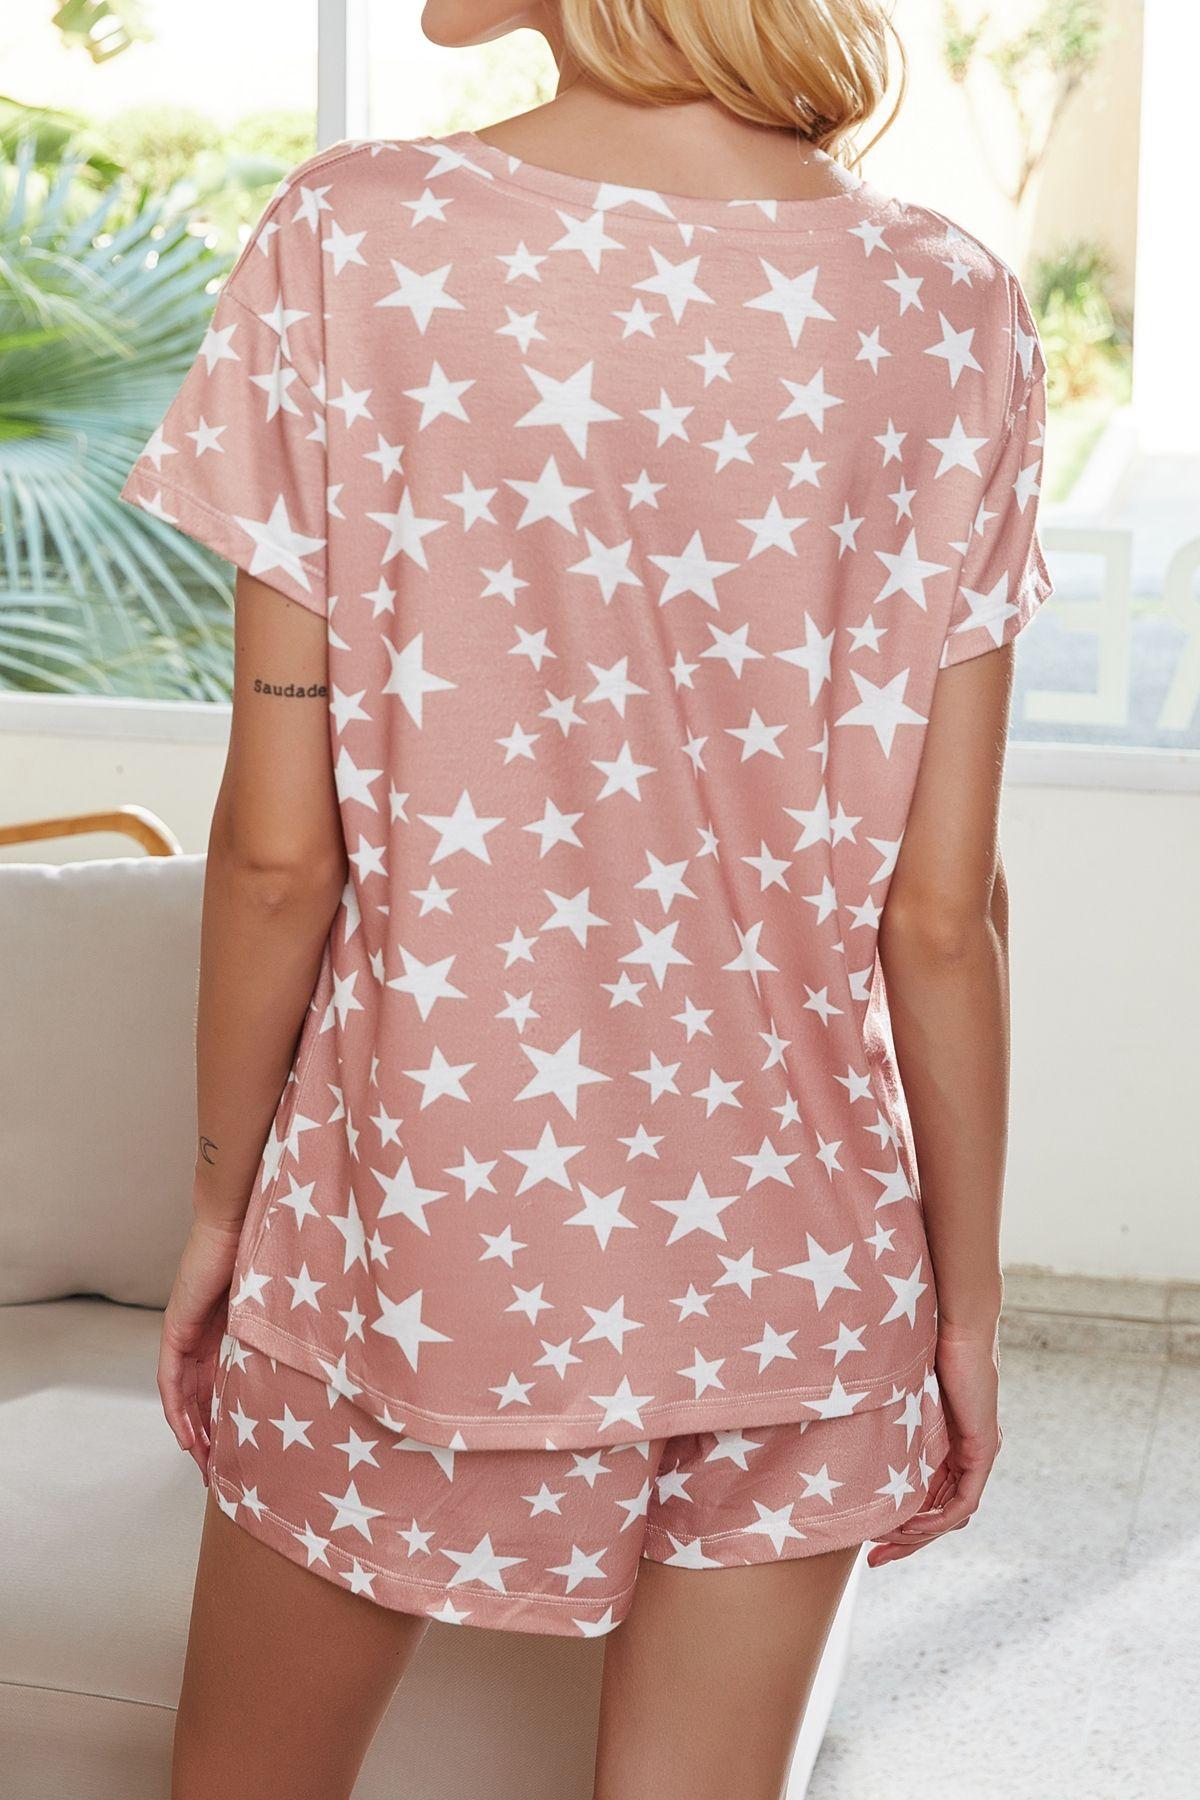 DSzFY sqtrimmer DHL Bedava Pijama tiedye İçin Kız pigiama Da Donna Başına Girocollo Tye Boya Kısa Mor Işık Minnettar Ölü Batik Gömlek